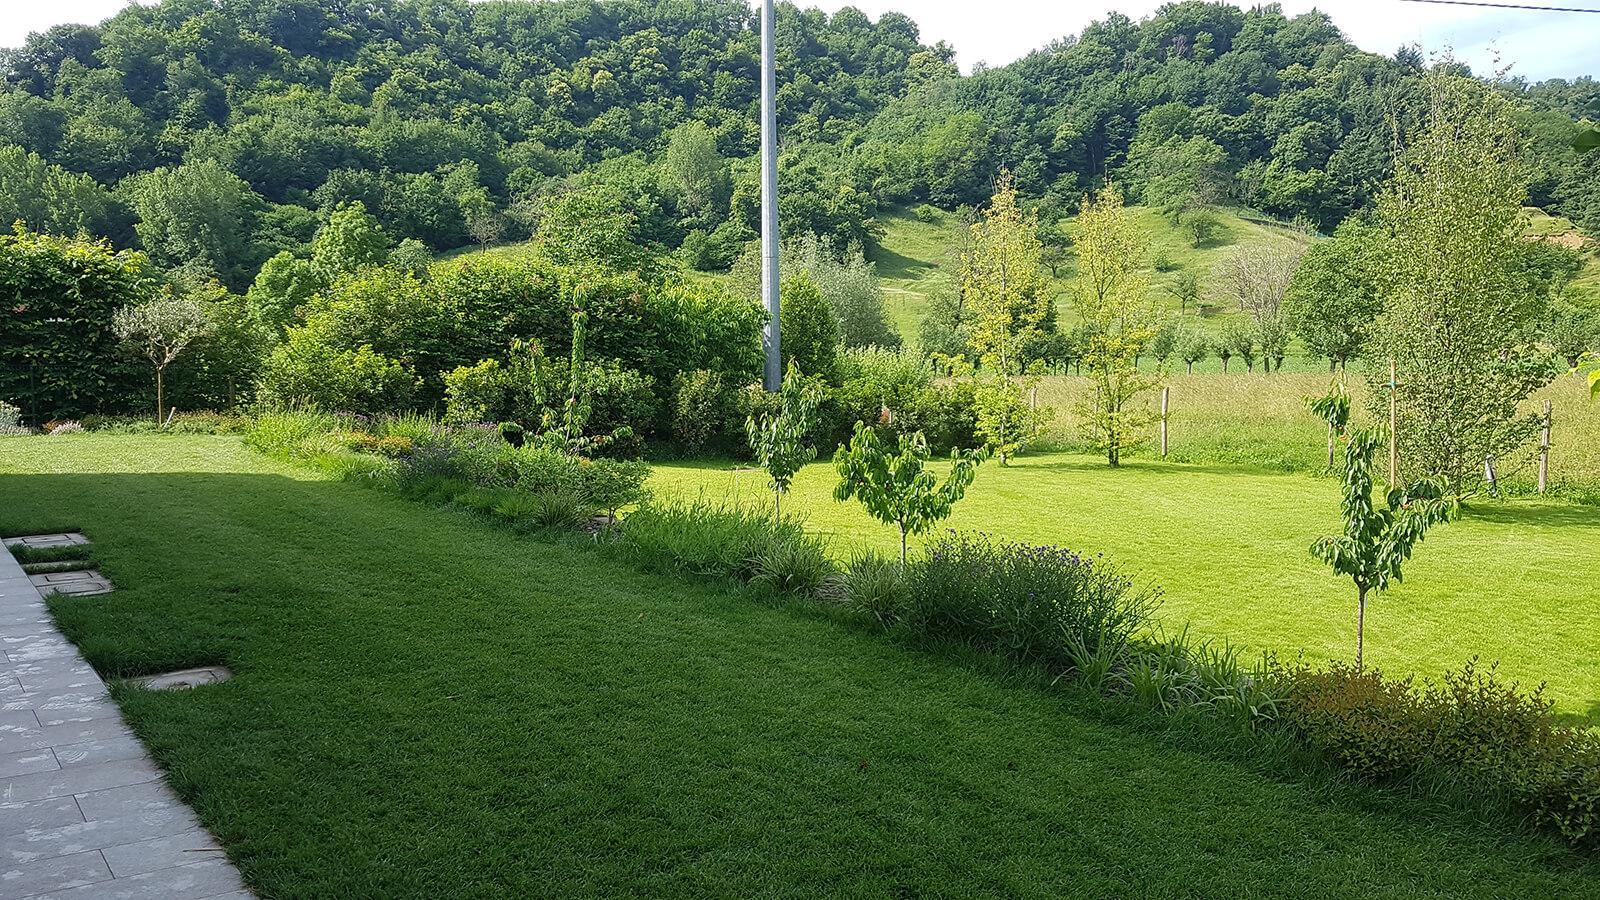 progettazione realizzazione giardini marostica - verde blu giardini 12